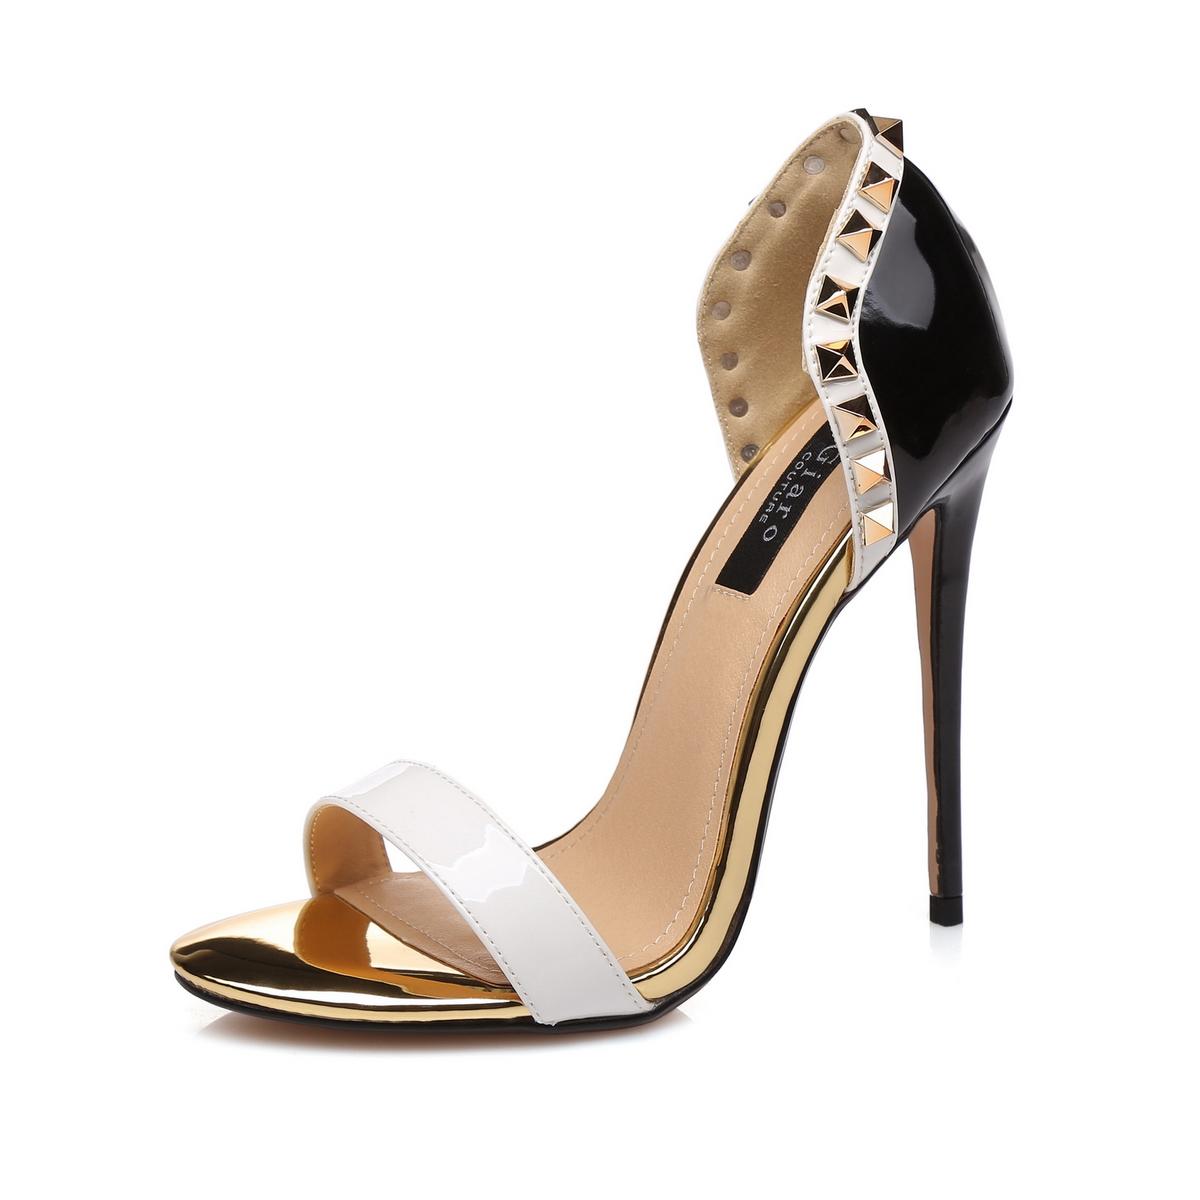 GIARO - Damen High Heel Sandalatten - Schwarz Schuhe in Übergrößen – Bild 1